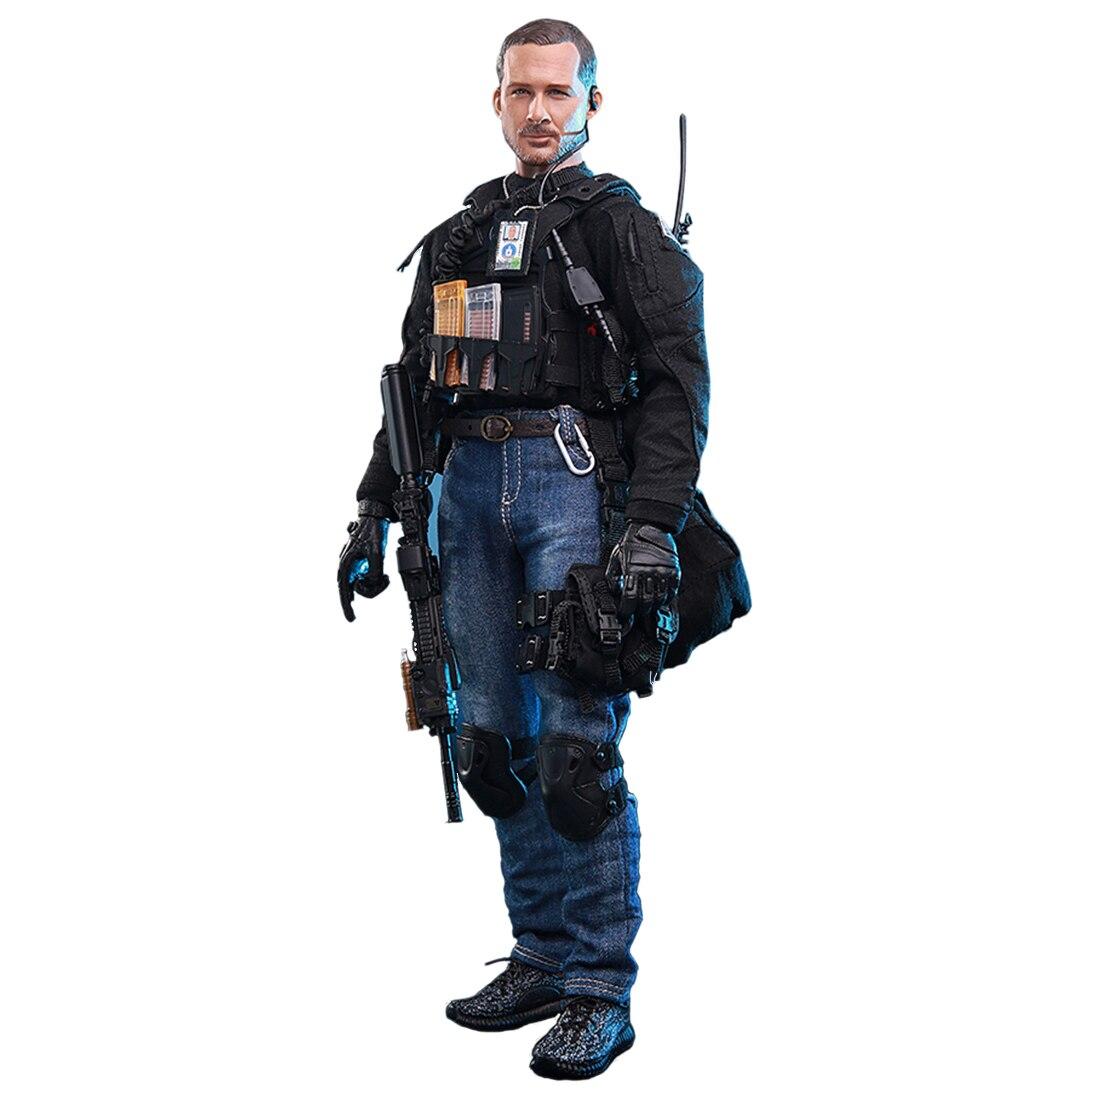 ЦРУ военные агенты 1/6 Масштаб Набор аксессуаров для 1/6 12 фигурку строительные блоки игрушки модели наборы военный Солдат модель детей